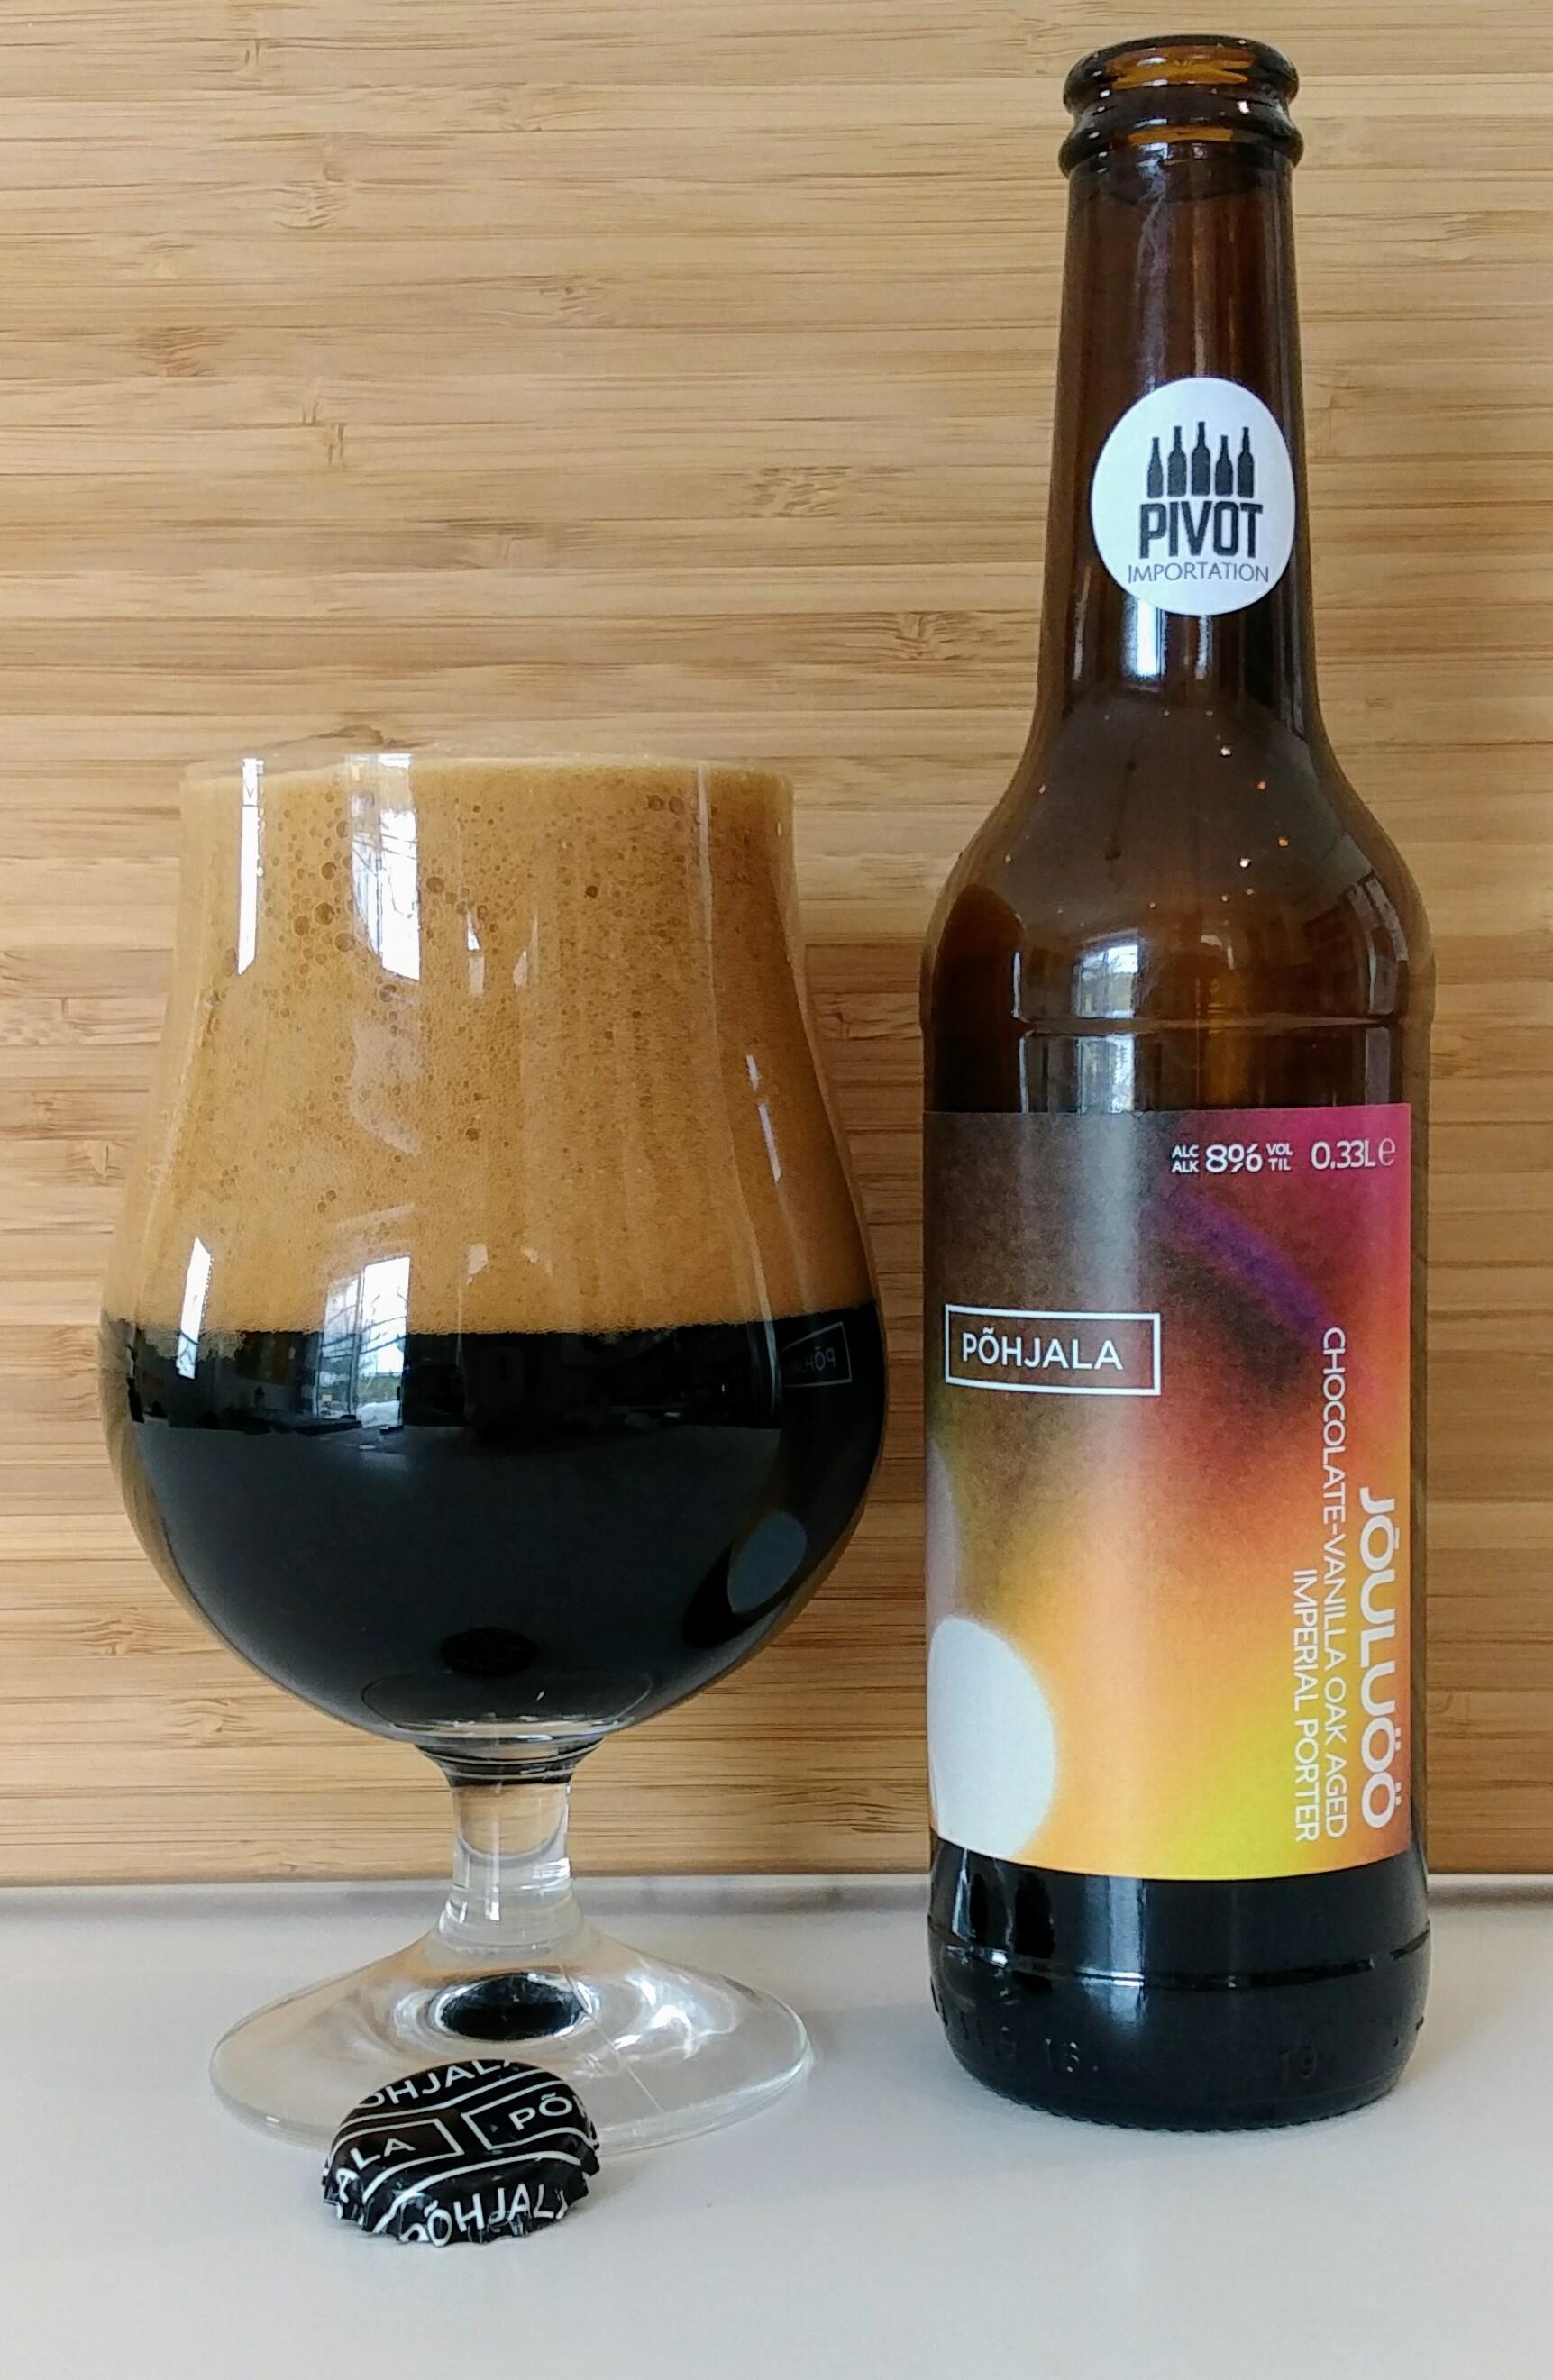 Note degustation Pohjala Jouluoo importation bière